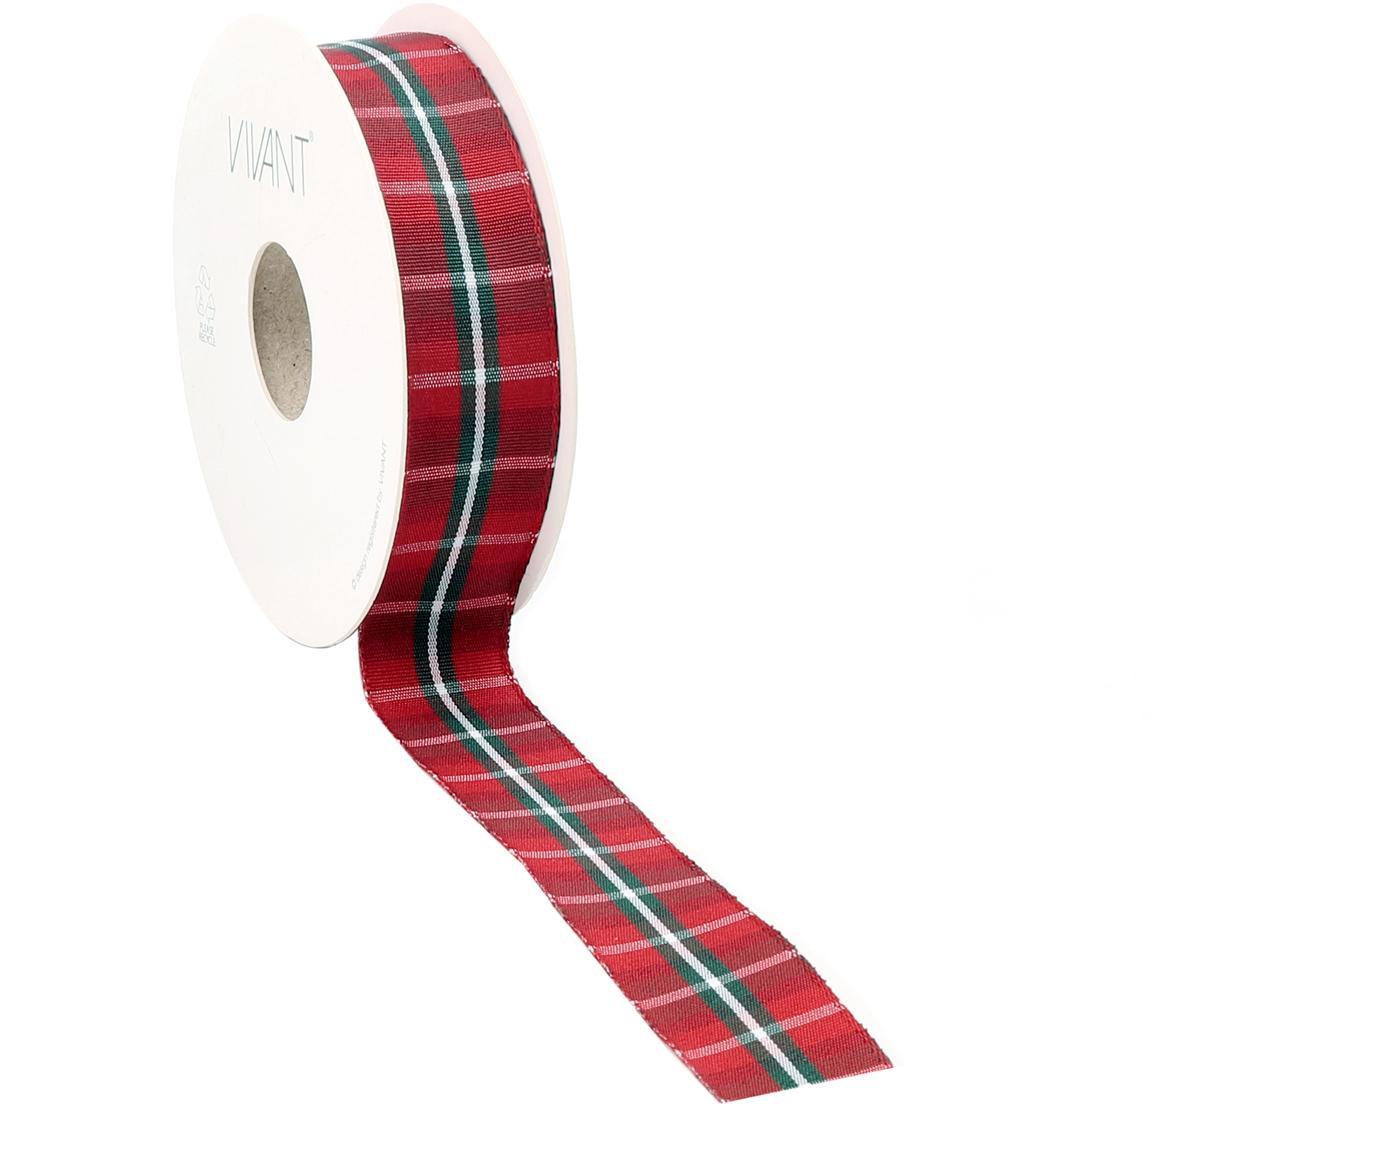 Geschenkband Scotch, 98% Polyester, 2% Dracht, vernickelt, Rot, Weiss, Grün, 3 x 1500 cm